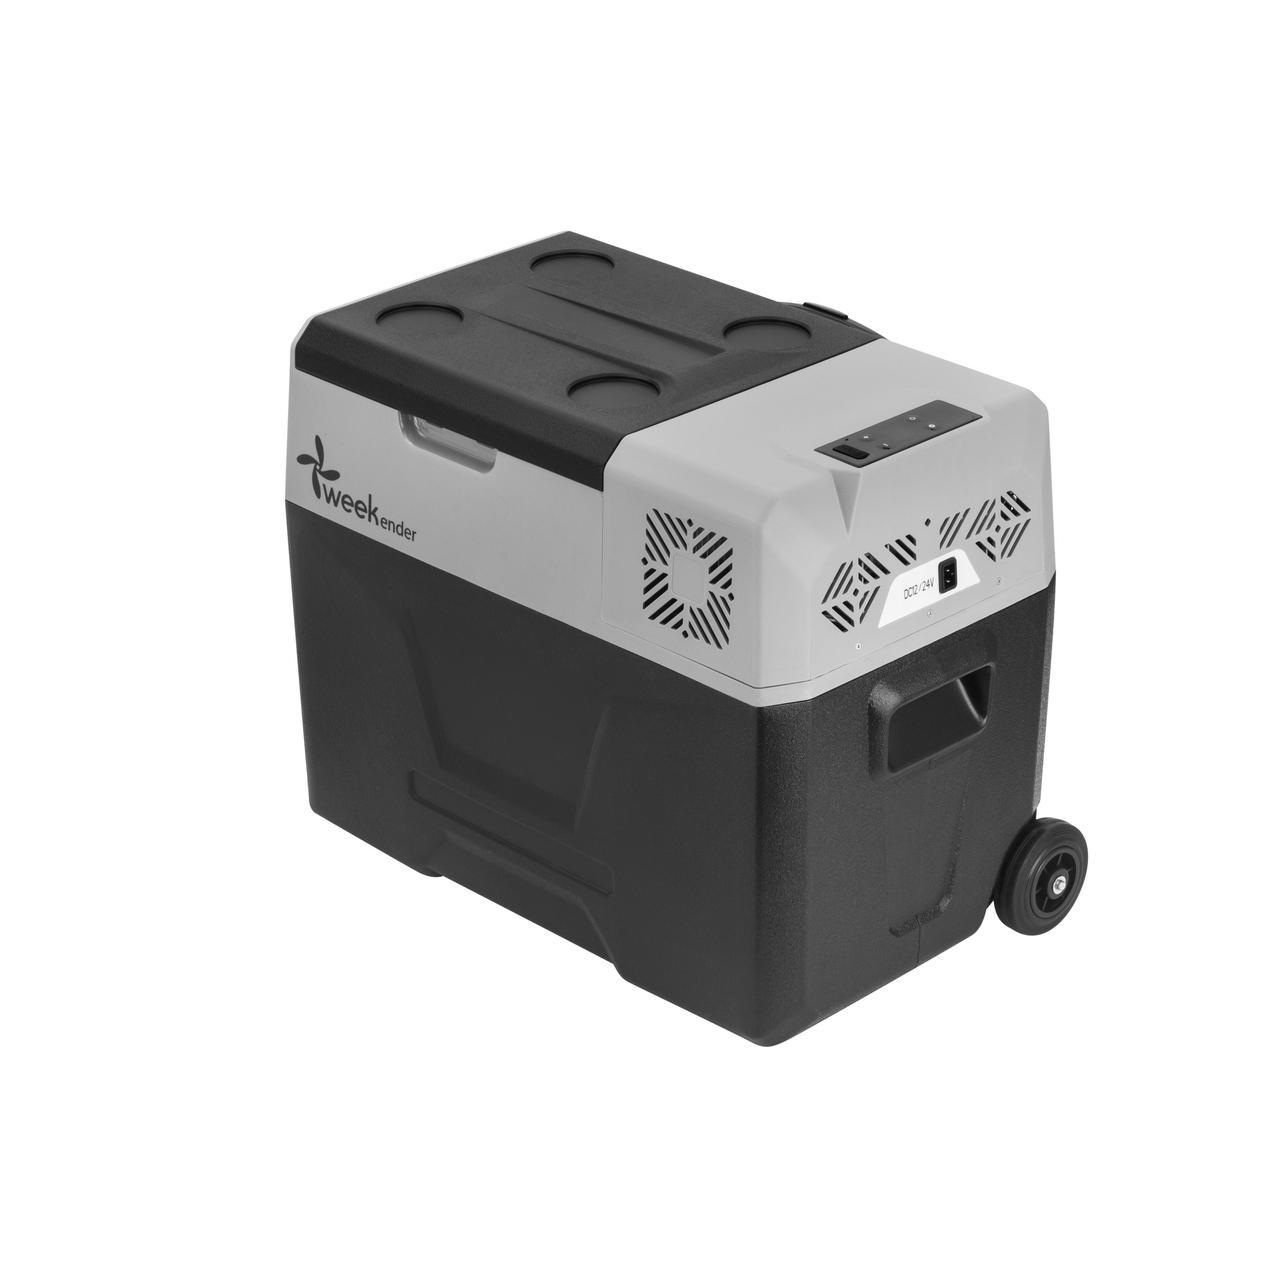 Холодильник-компресор Weekender CX40 40 літрів 586*378*475MM